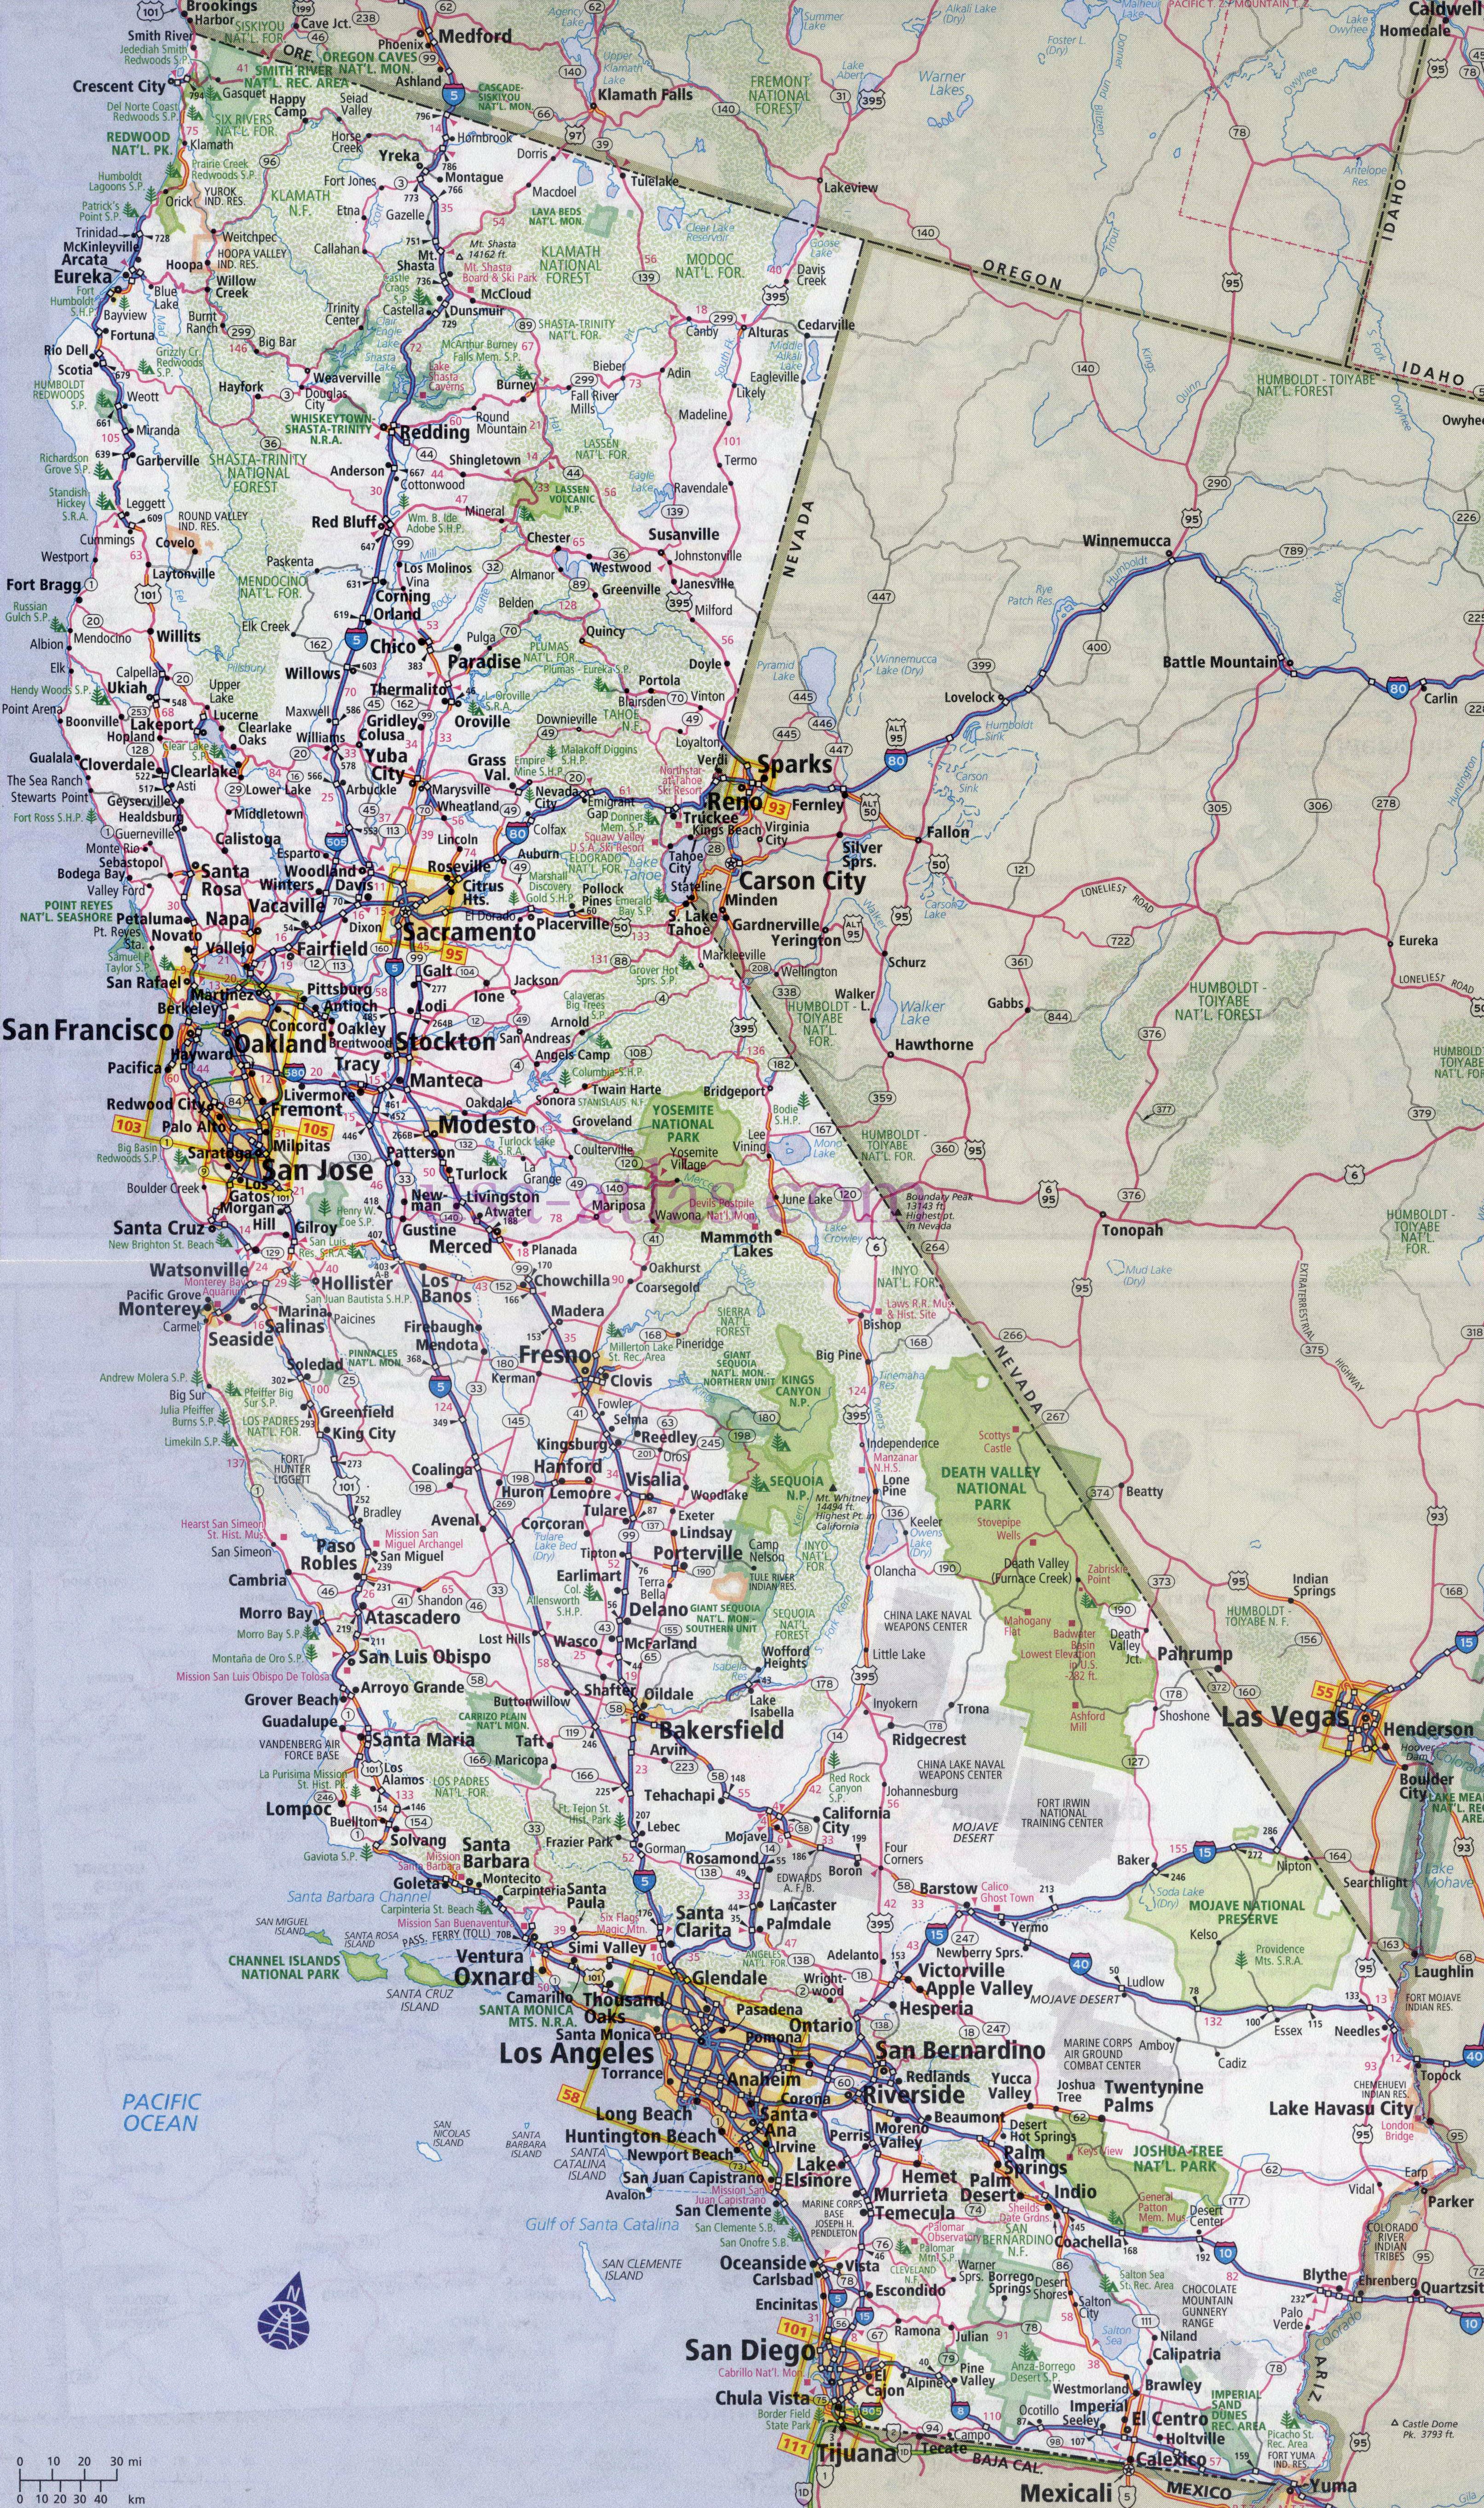 California Road Map Of State - Klipy - California Road Map Free